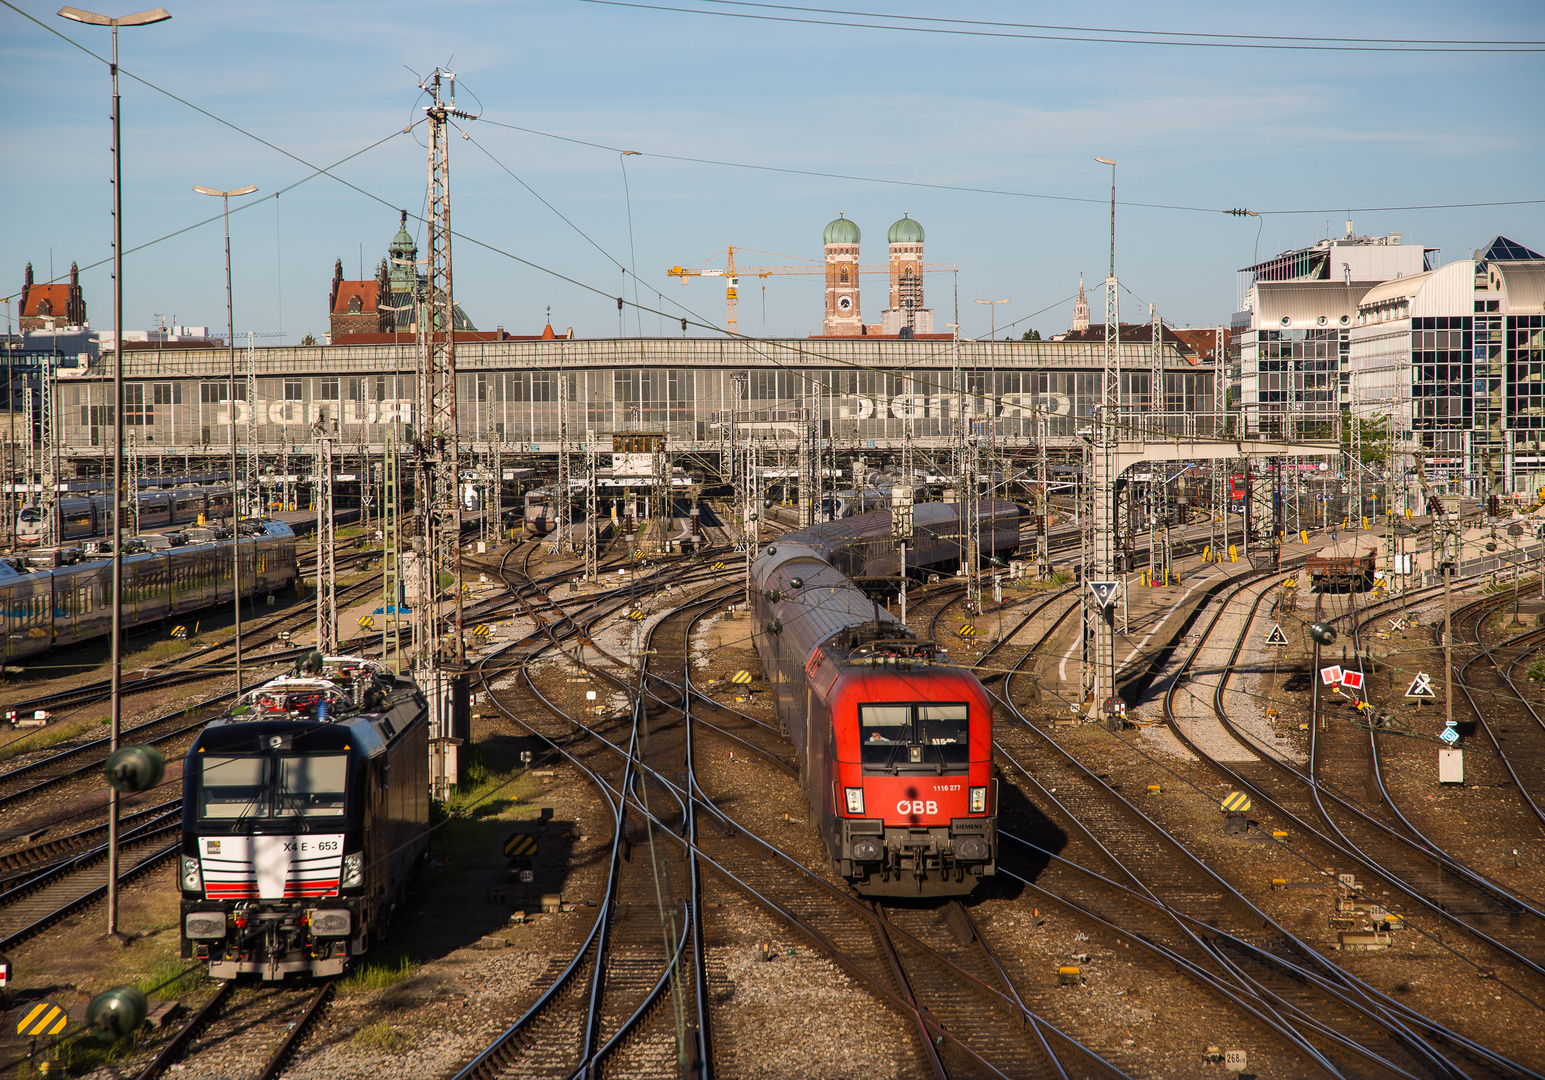 Vertrek nachttrein EN295 naar Rome en Milaan uit München ©makna